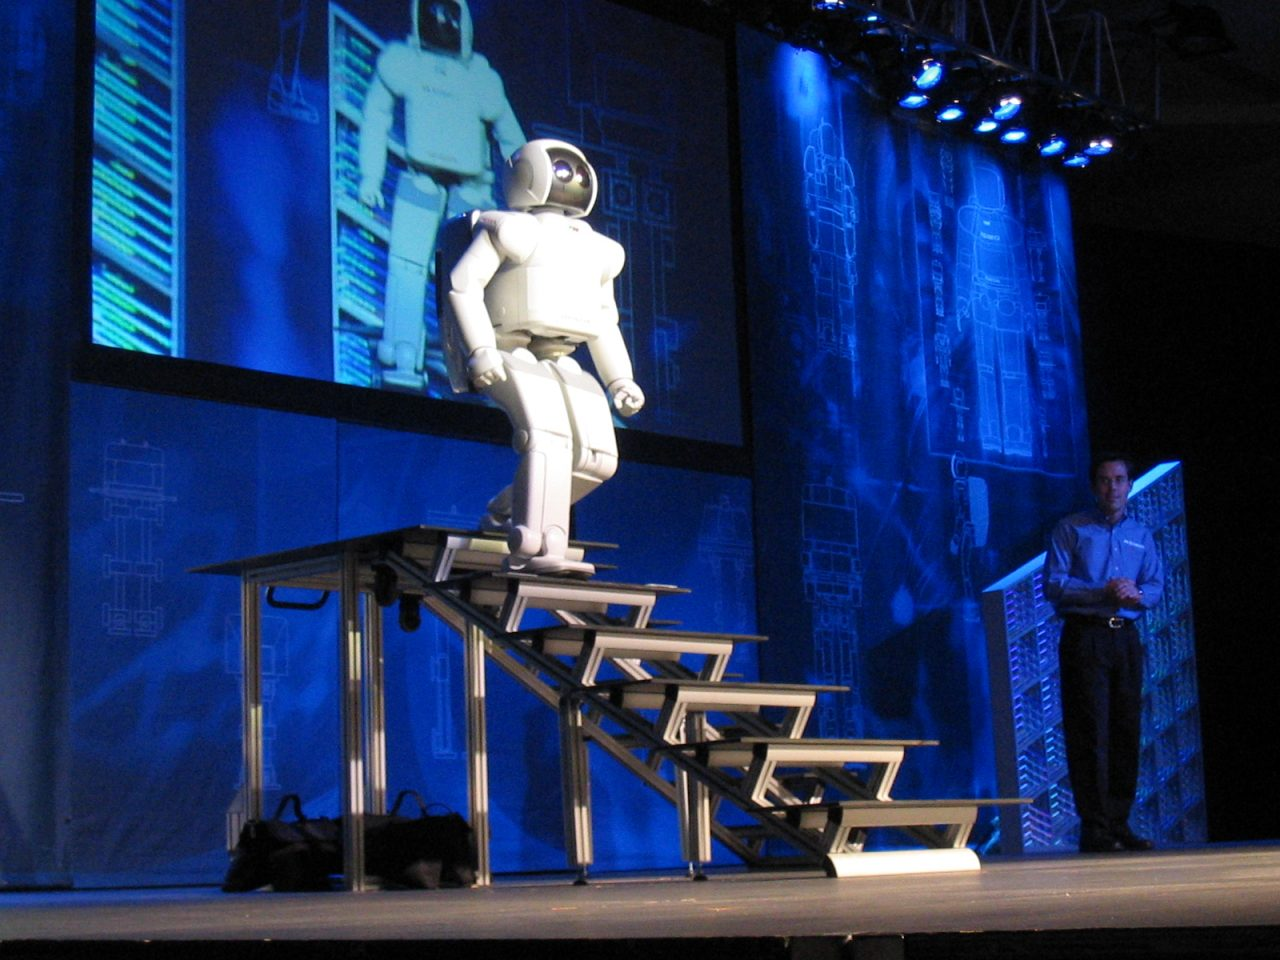 Asimo, el robot humanoide de Honda, desaparecerá a su mayoría de edad